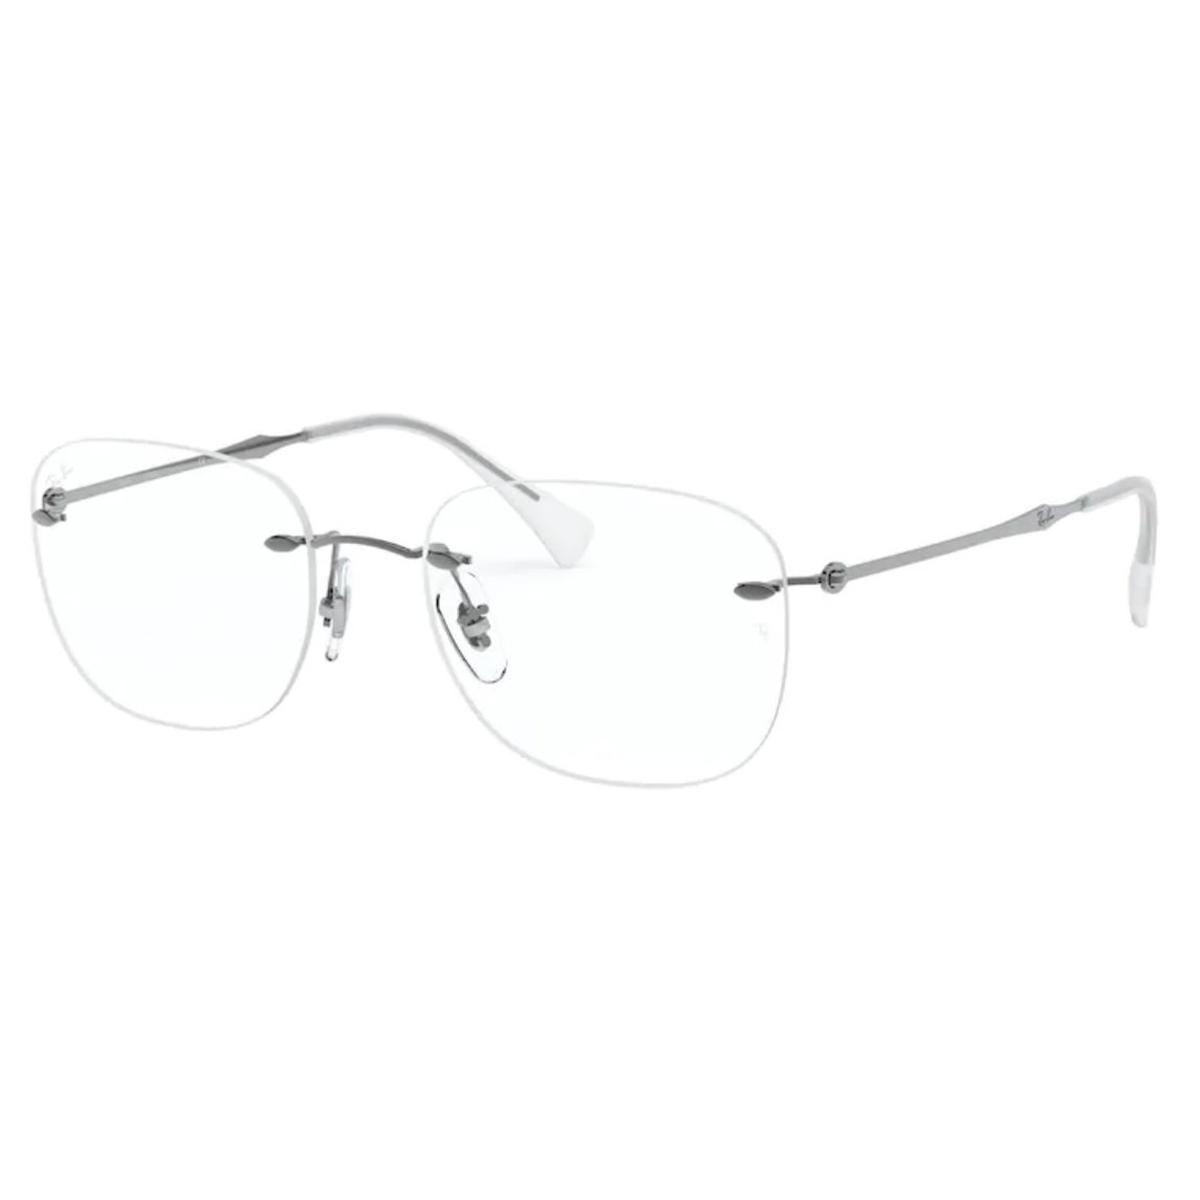 Óculos de Grau Ray Ban Titânio RX8748 Prata Parafusado